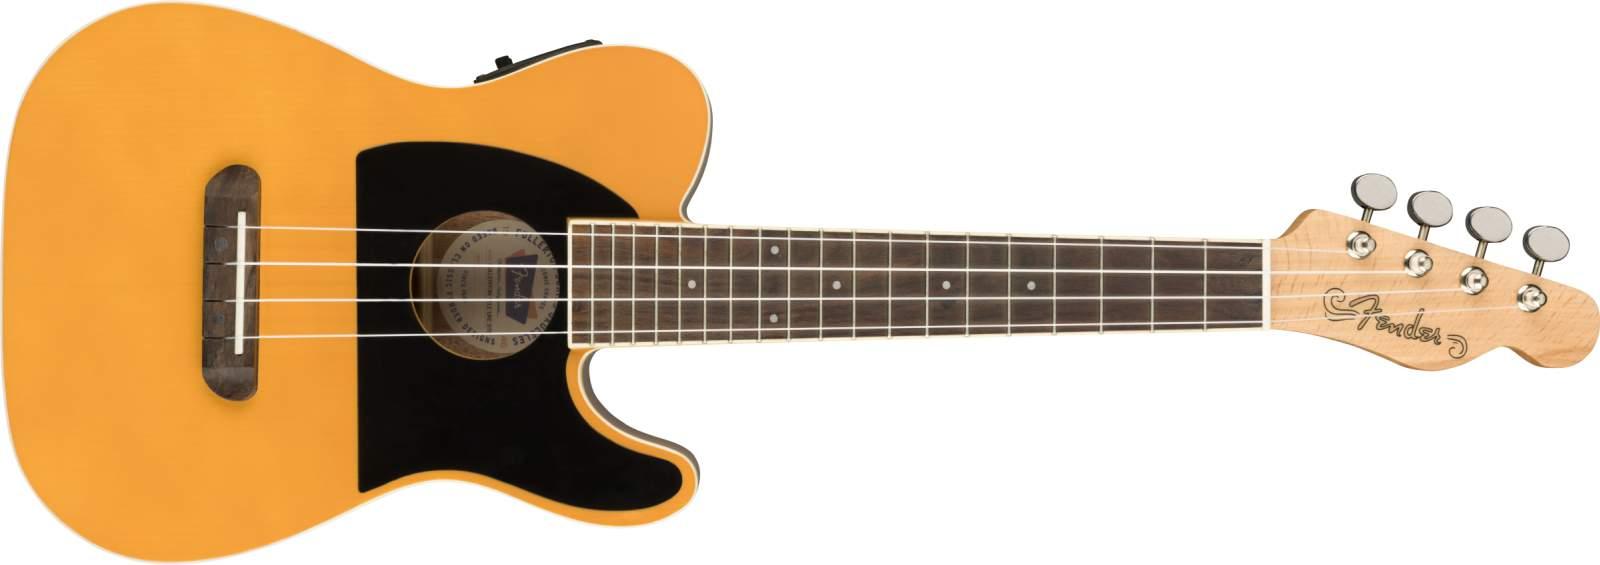 Fender Fullerton Tele Ukulele blond